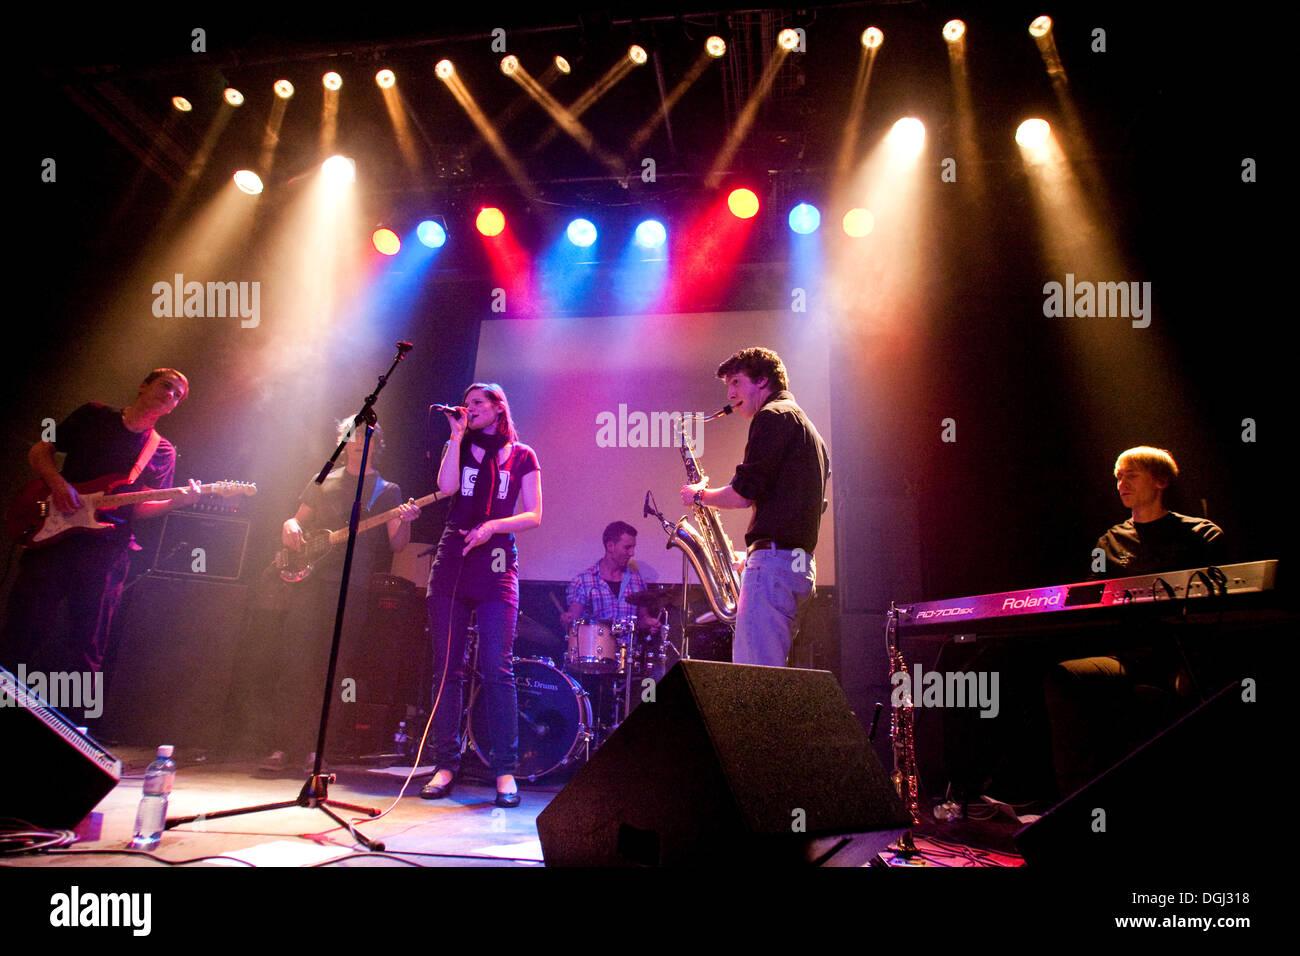 Swiss band Listen, live in the Treibhaus Lucerne, Switzerland - Stock Image